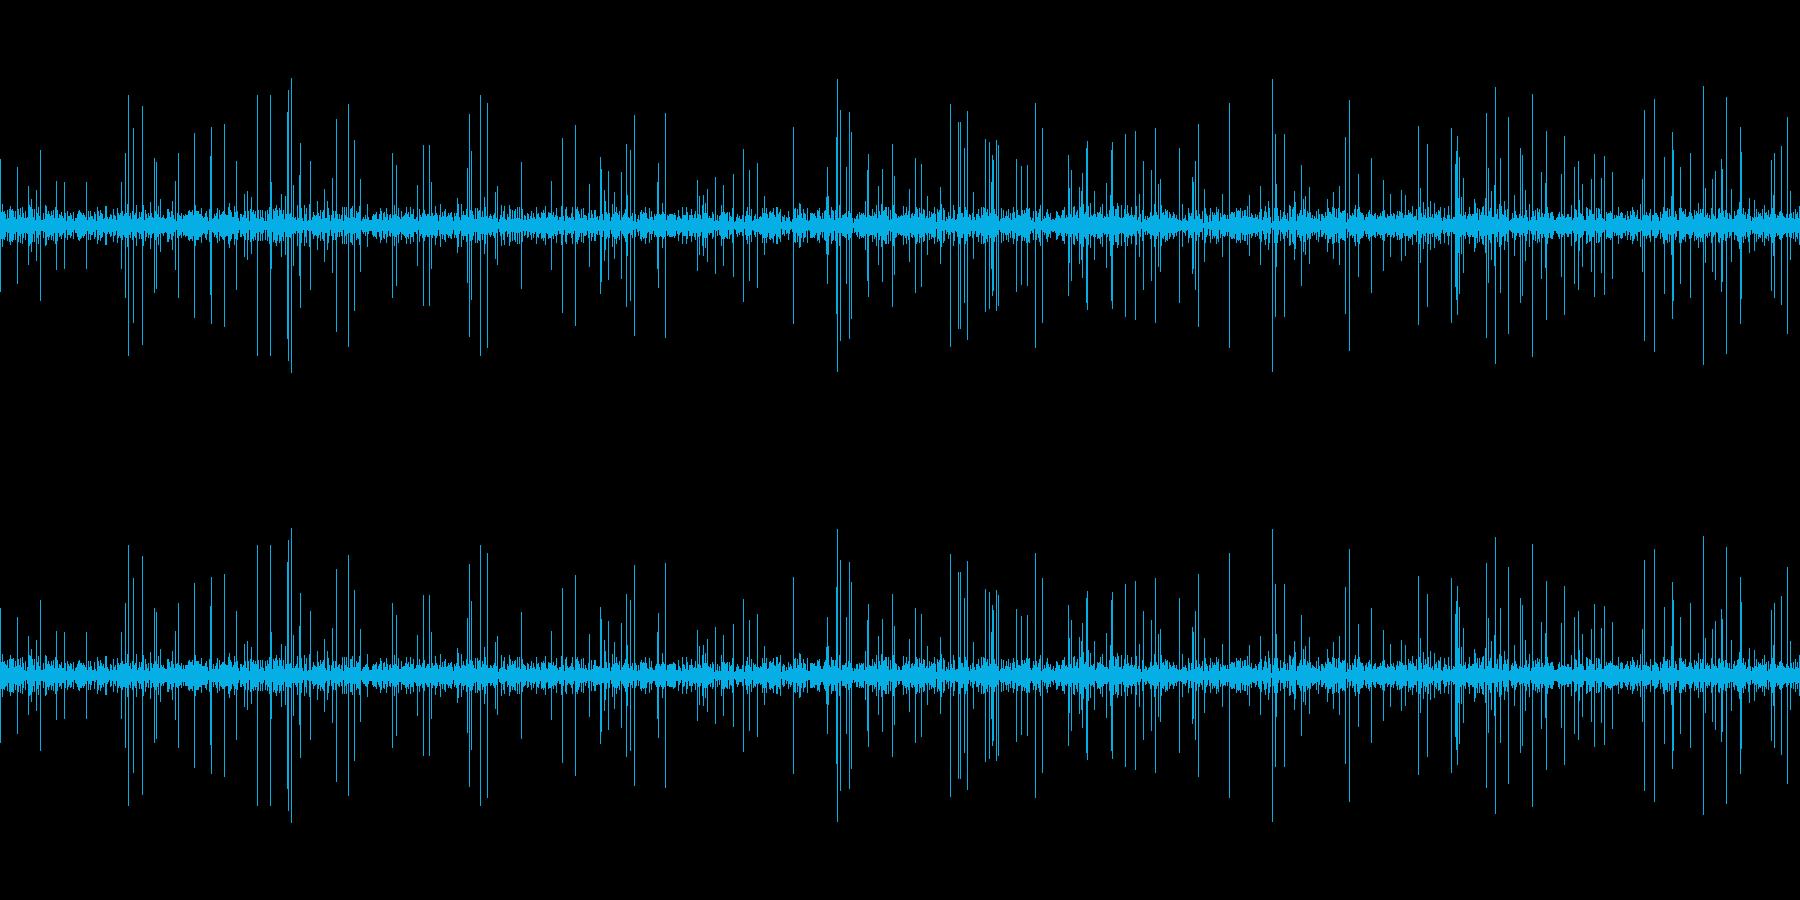 ループ再生可能!3分間のレコードノイズの再生済みの波形